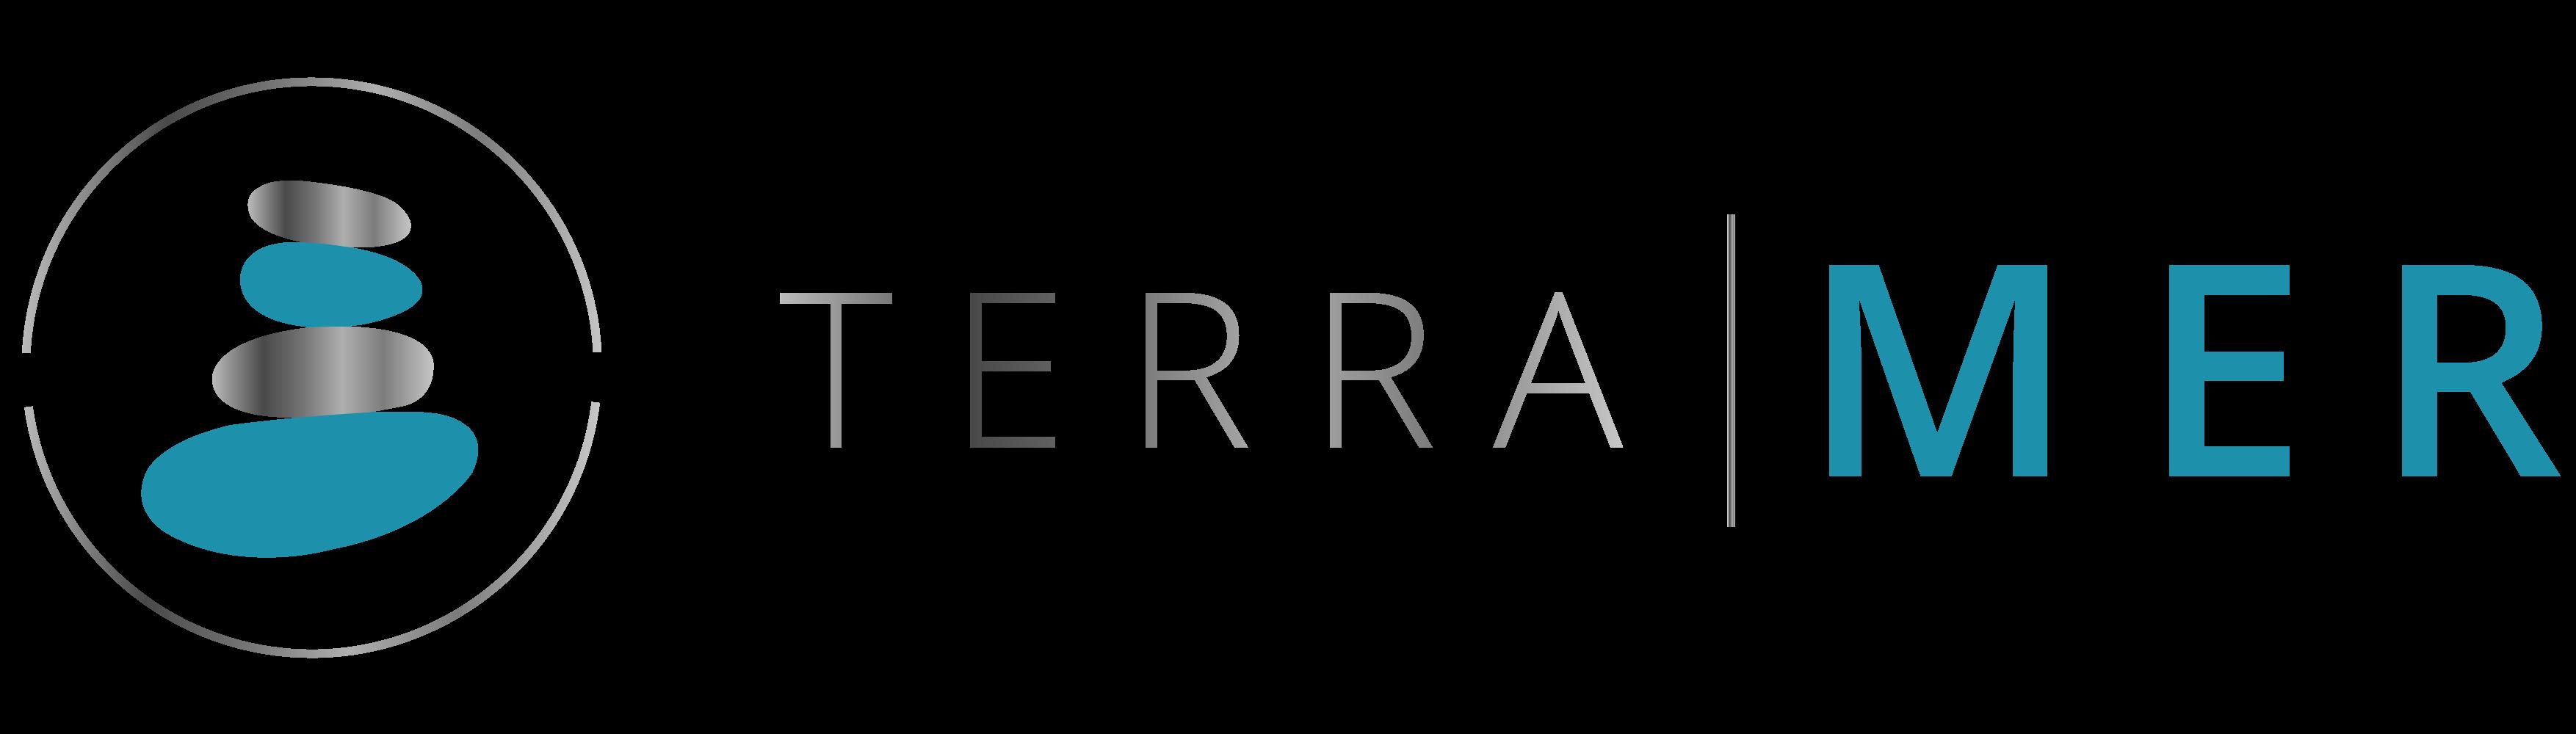 Terra-Mer